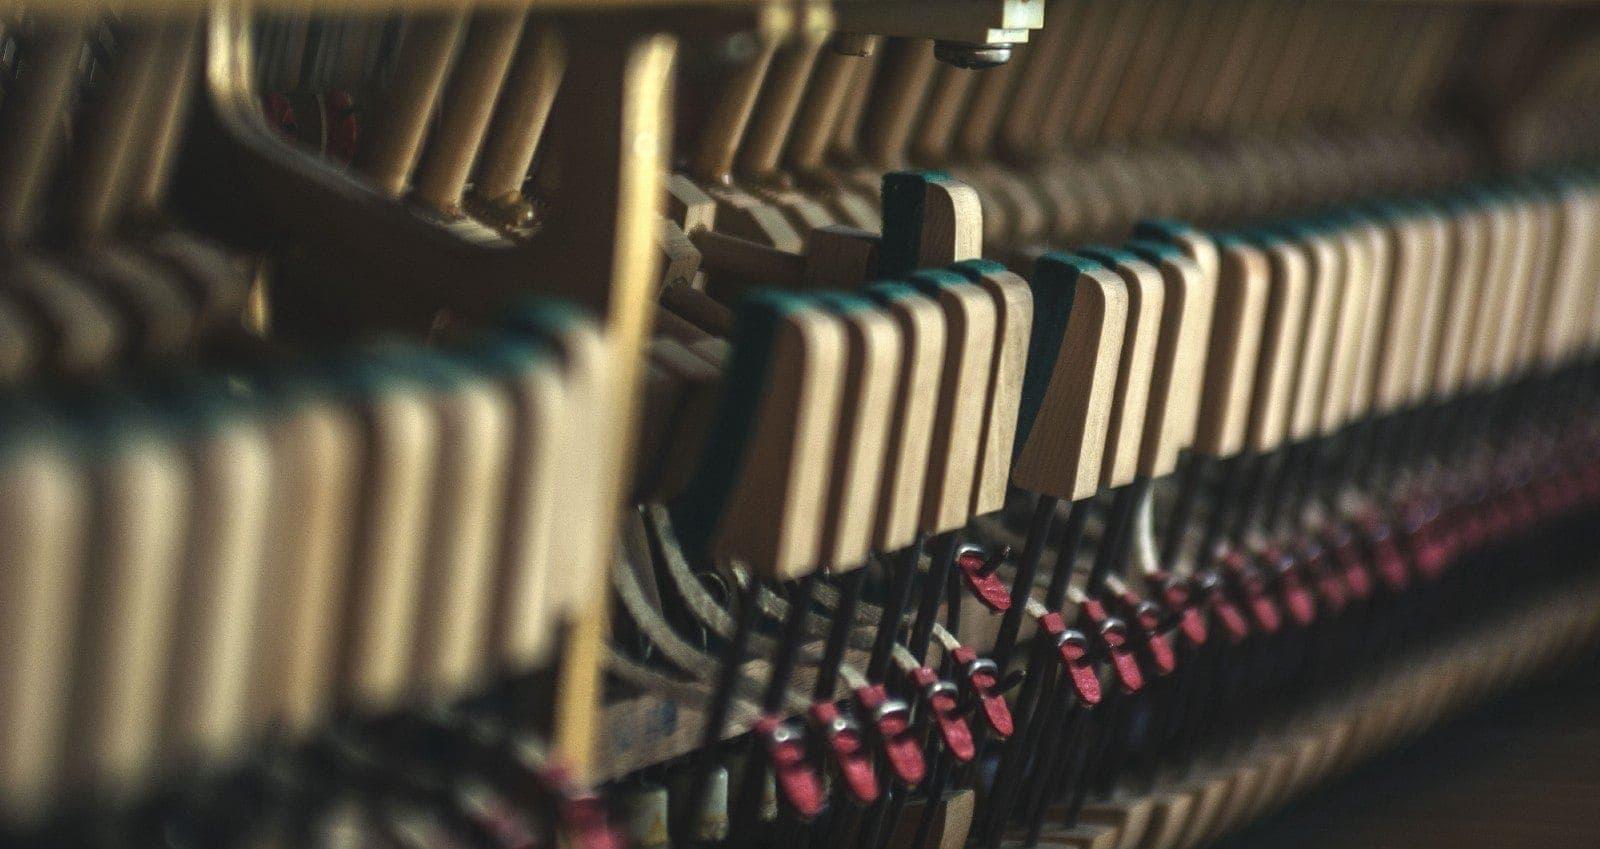 Механика фортепиано. Фото - Ирина Абрамова